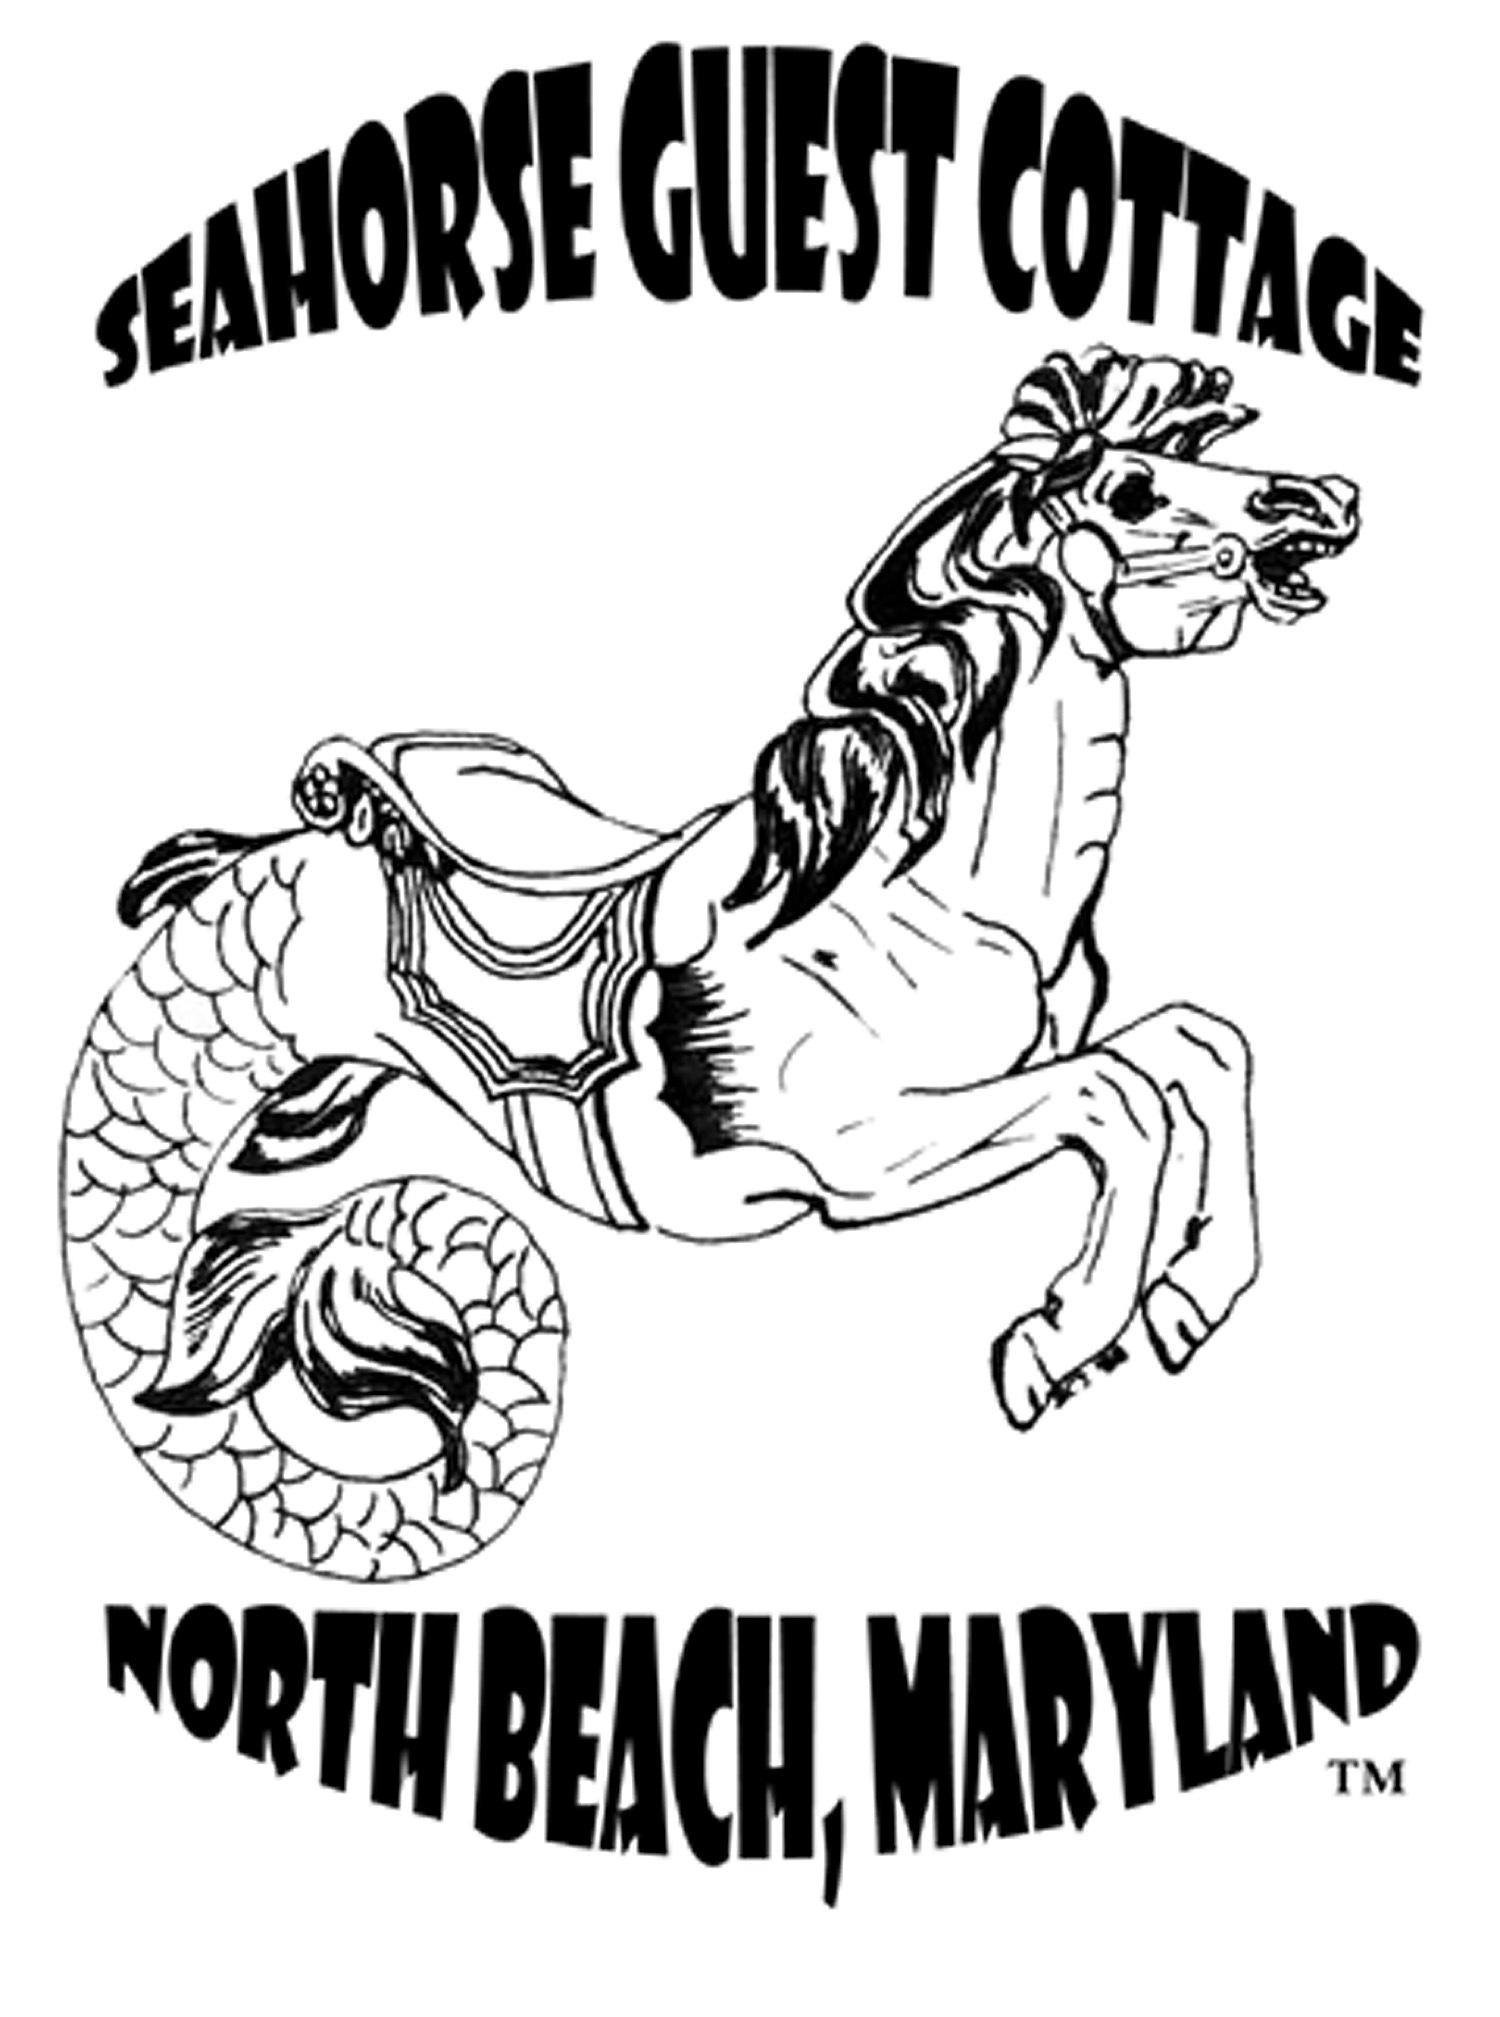 Seahorse Guest Cottage LLC